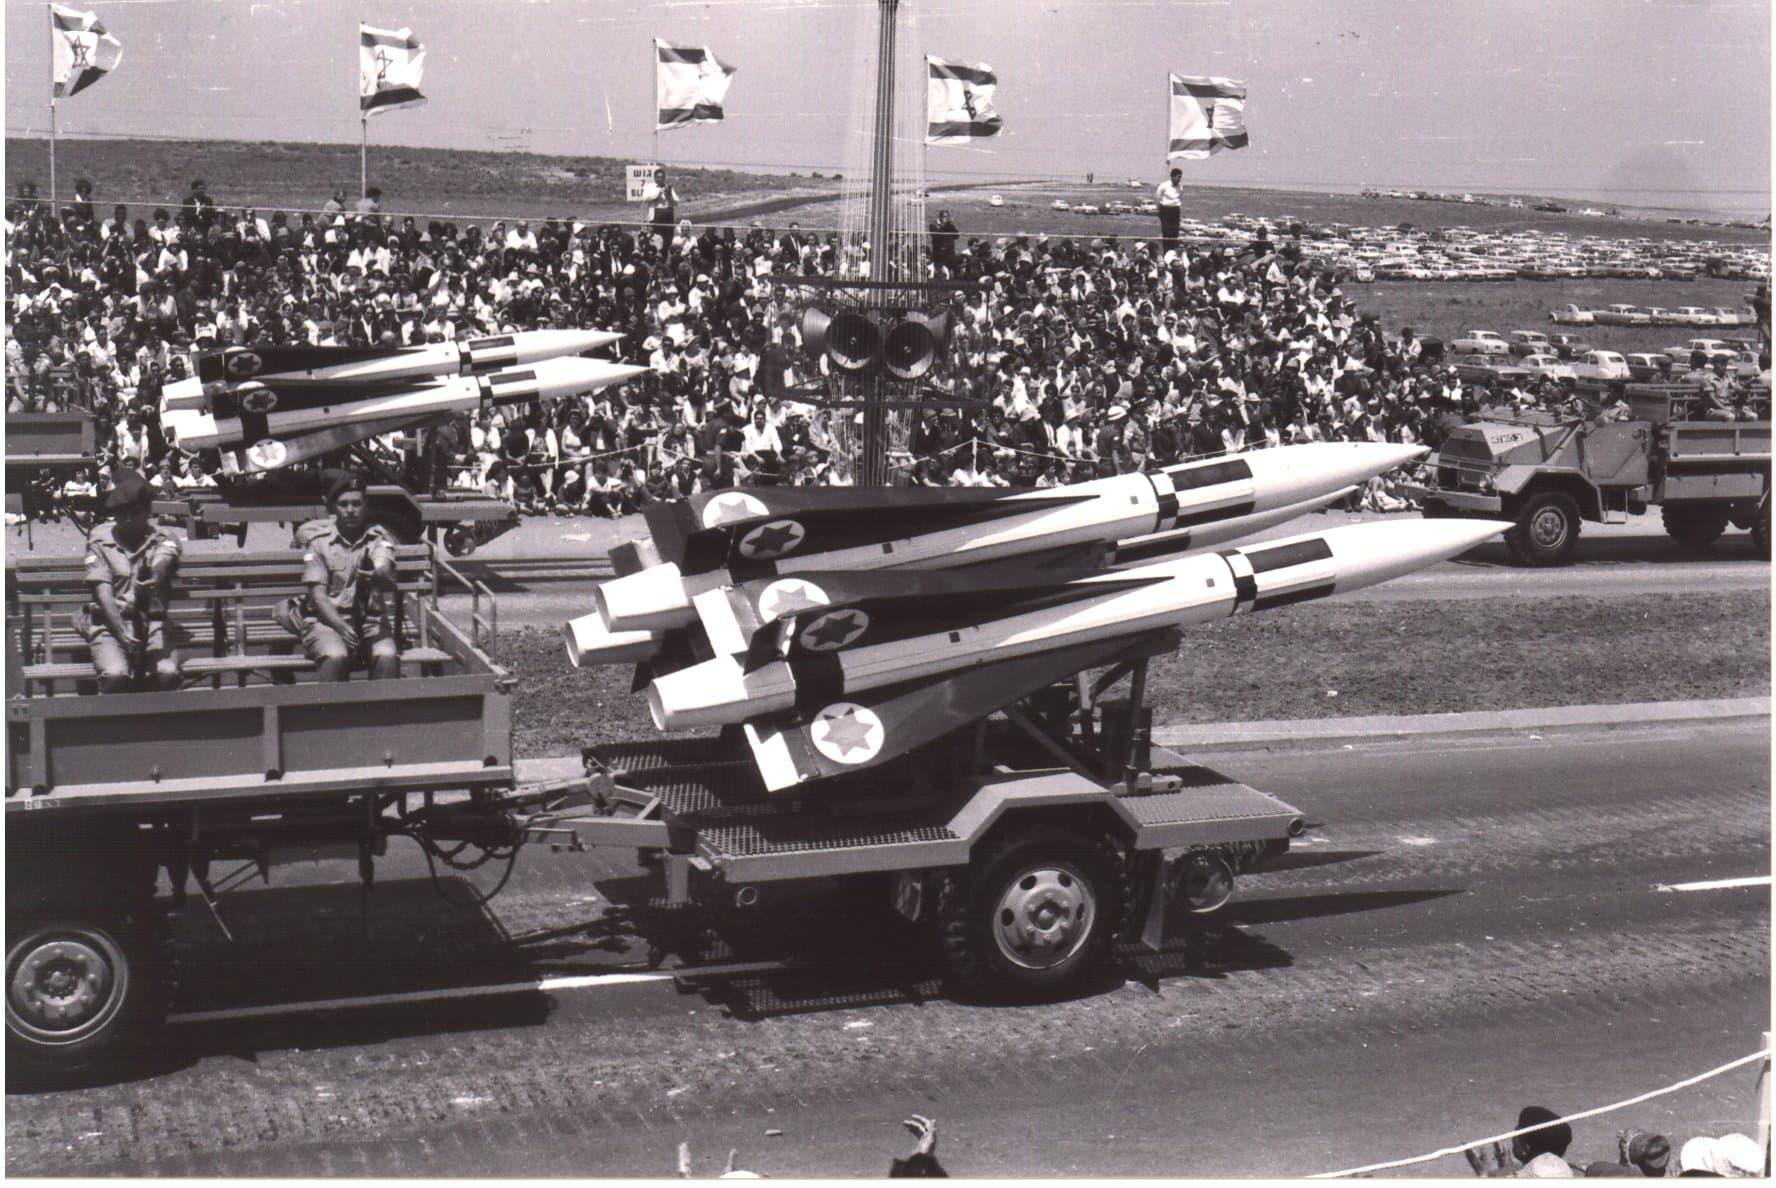 """טילי הוק מוצגים במצעד צה""""ל בתל אביב, 1965 (צילום: אברהם אמיר, ויקיפדיה)"""